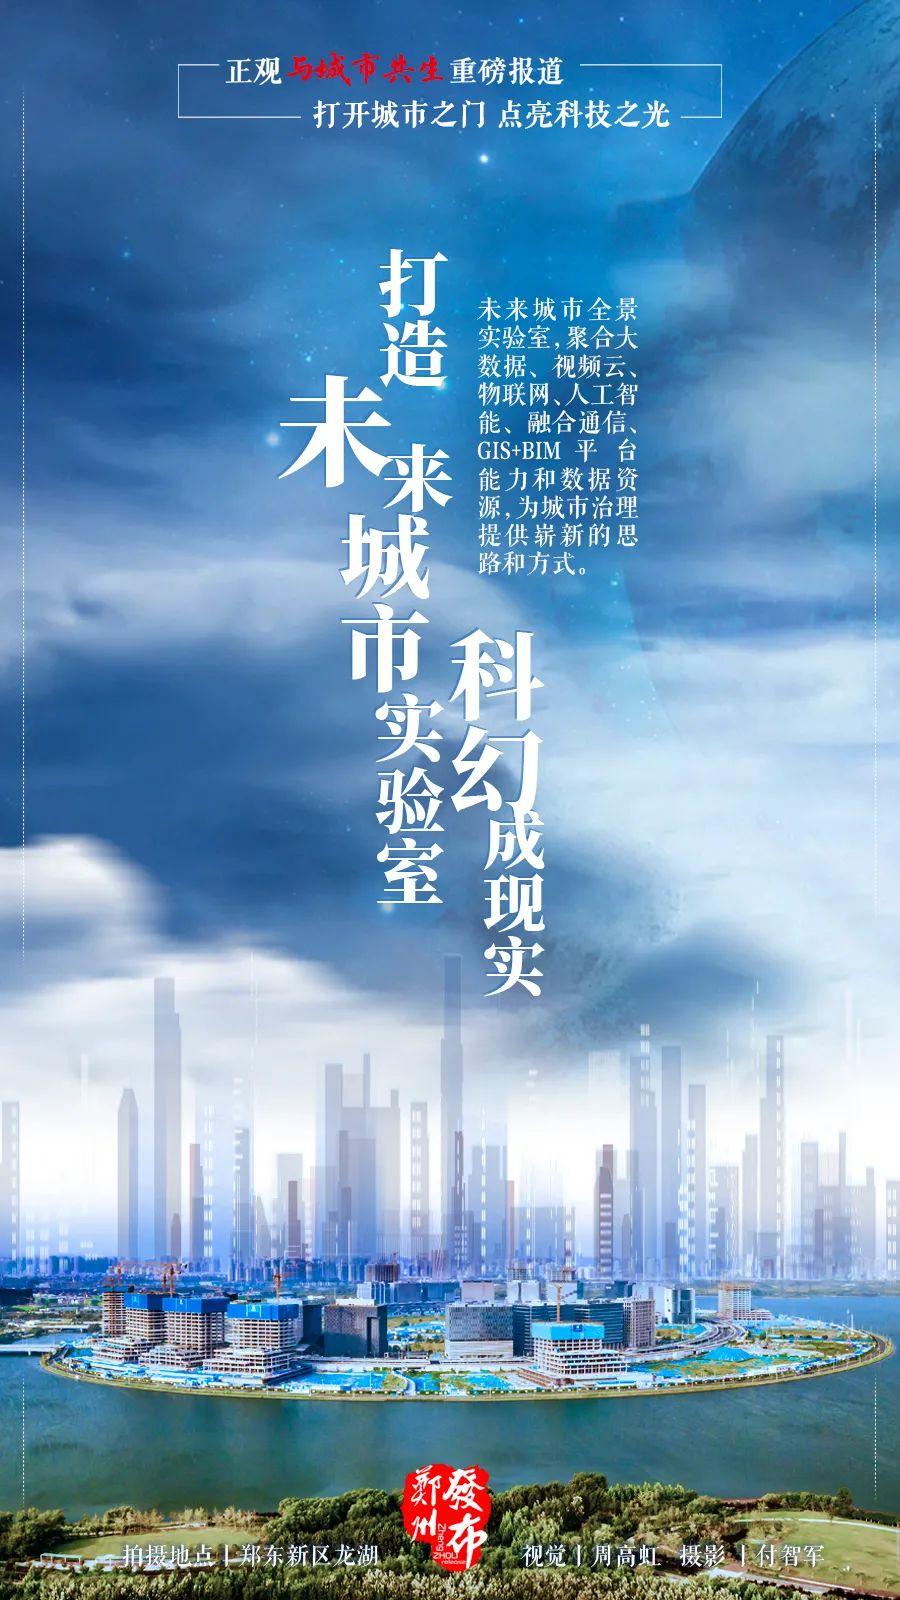 2020年国家网络安全宣河南新闻传周启幕,17个重点项目落